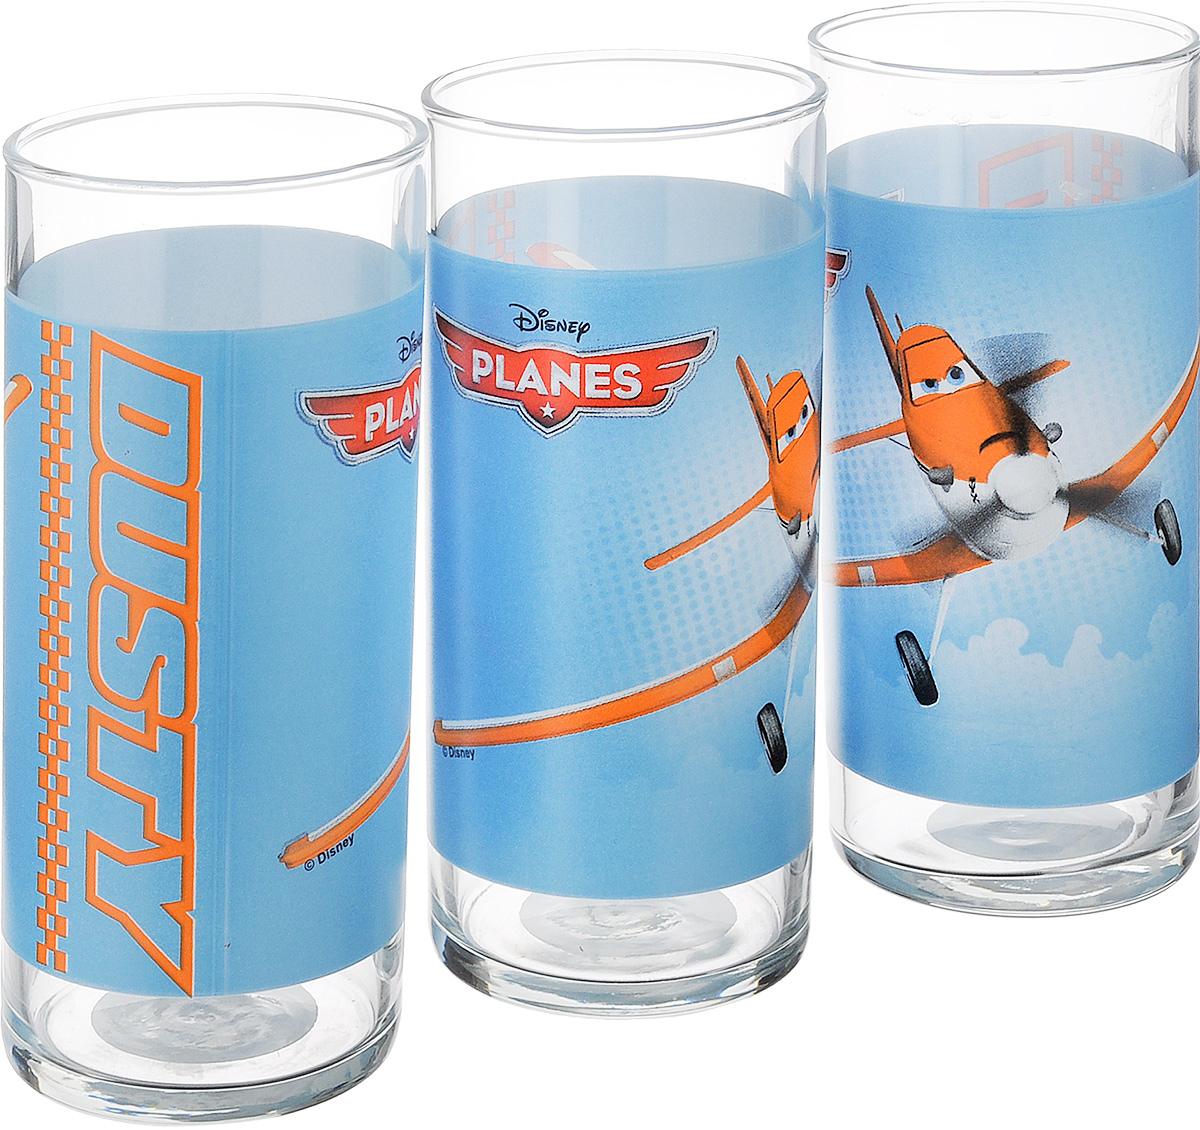 Набор стаканов Luminarc Disney Planes, 300 мл, 3 штJ0799Набор Luminarc Disney Planes состоит из 3 стаканов, выполненных из высококачественного стекла. Стаканы предназначены для подачи сока, воды, компота и других напитков. Декорированные ярким рисунком, они сочетают в себе элегантный дизайн и функциональность. Благодаря такому набору пить напитки будет еще приятнее. Можно мыть в посудомоечной машине. Диаметр стакана по верхнему краю: 6 см. Высота стакана: 13,5 см. Диаметр основания стакана: 6 см.